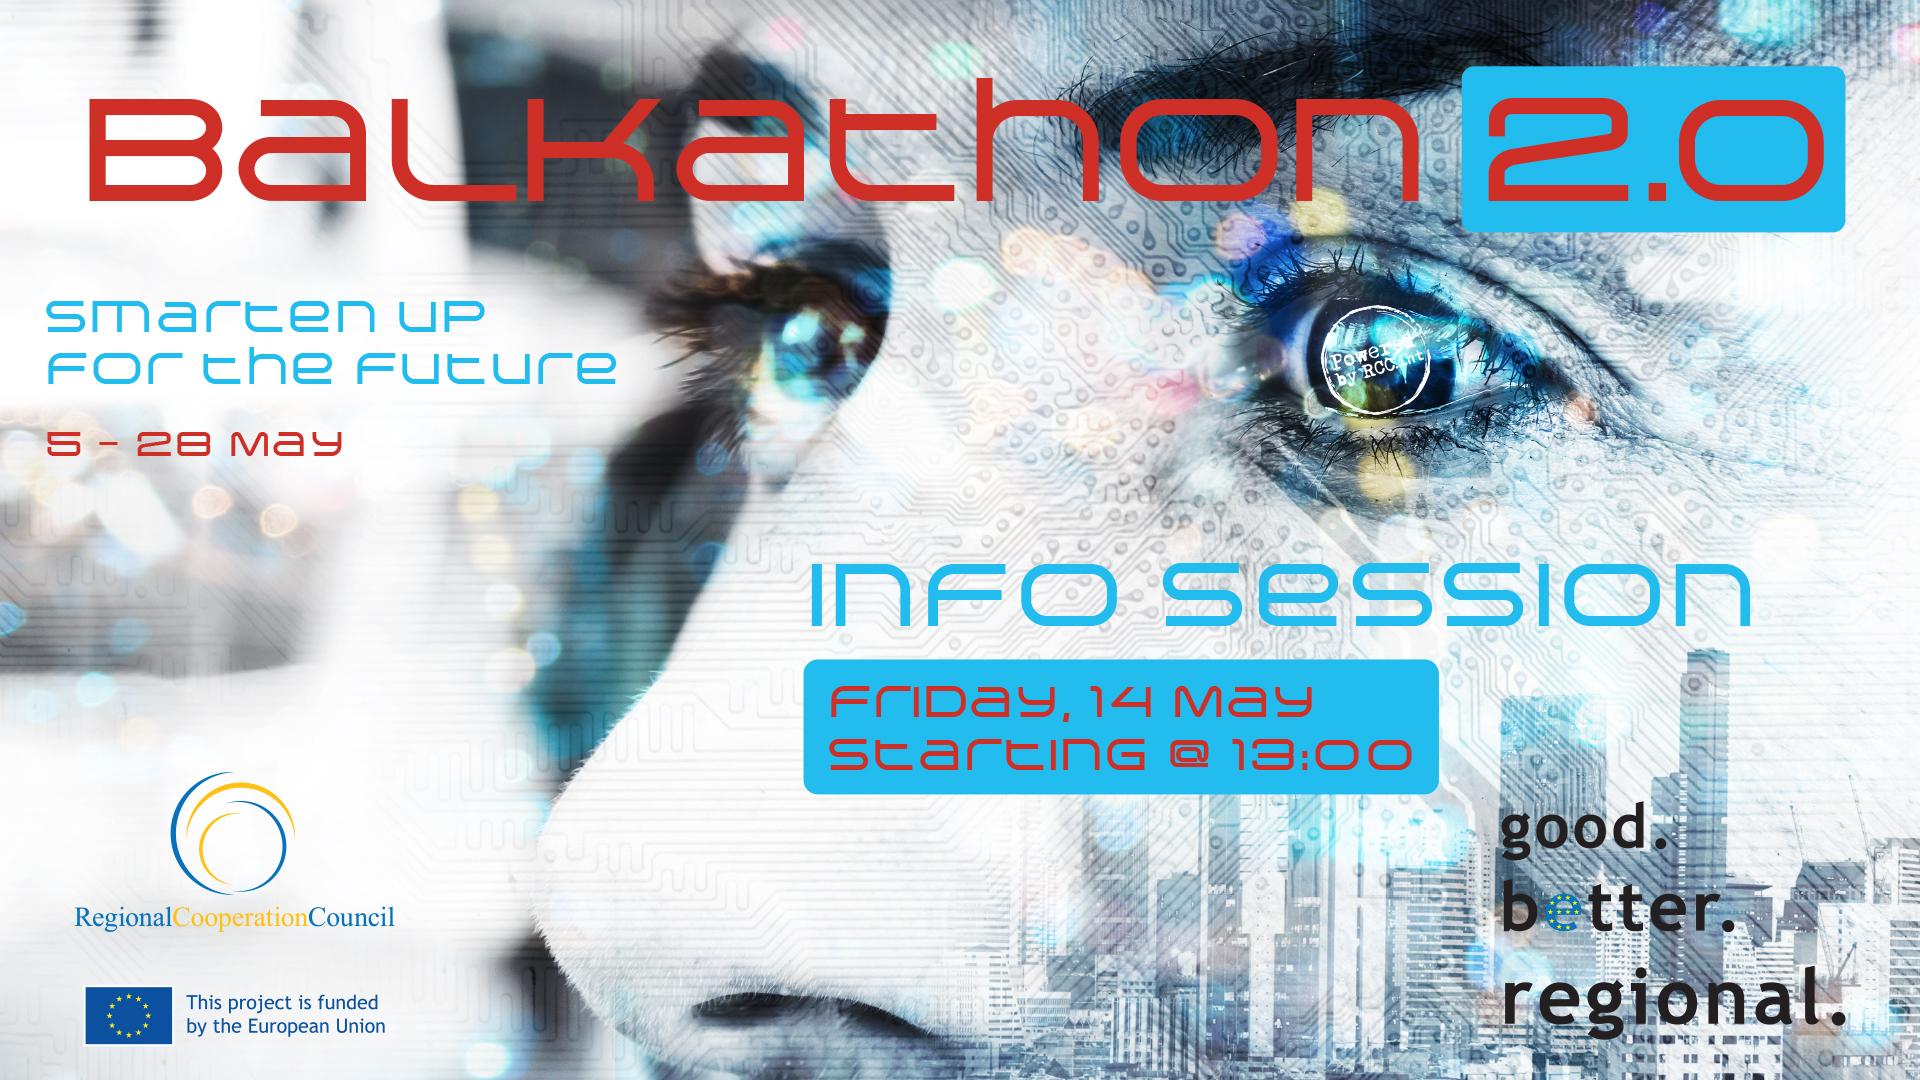 Balkathon 2.0 Info Session to take place on Friday, 14 May 2021 (Design: RCC/Samir Dedic)